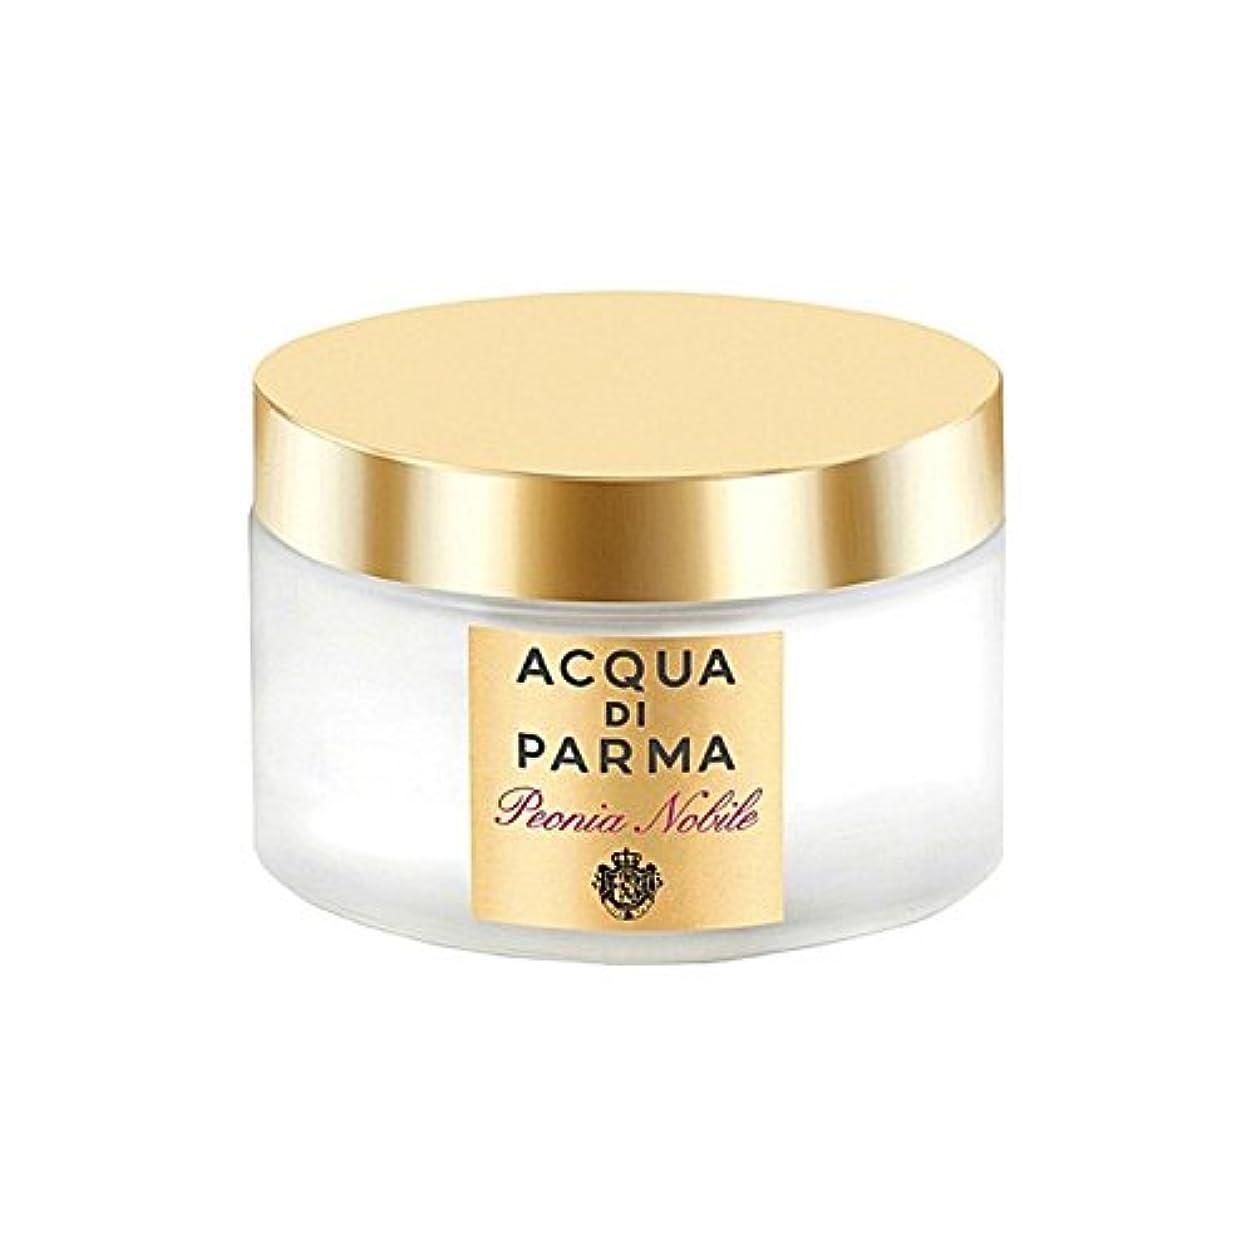 蓋トラクターオープナーアクアディパルマノビレボディクリーム150ミリリットル x4 - Acqua Di Parma Peonia Nobile Body Cream 150ml (Pack of 4) [並行輸入品]